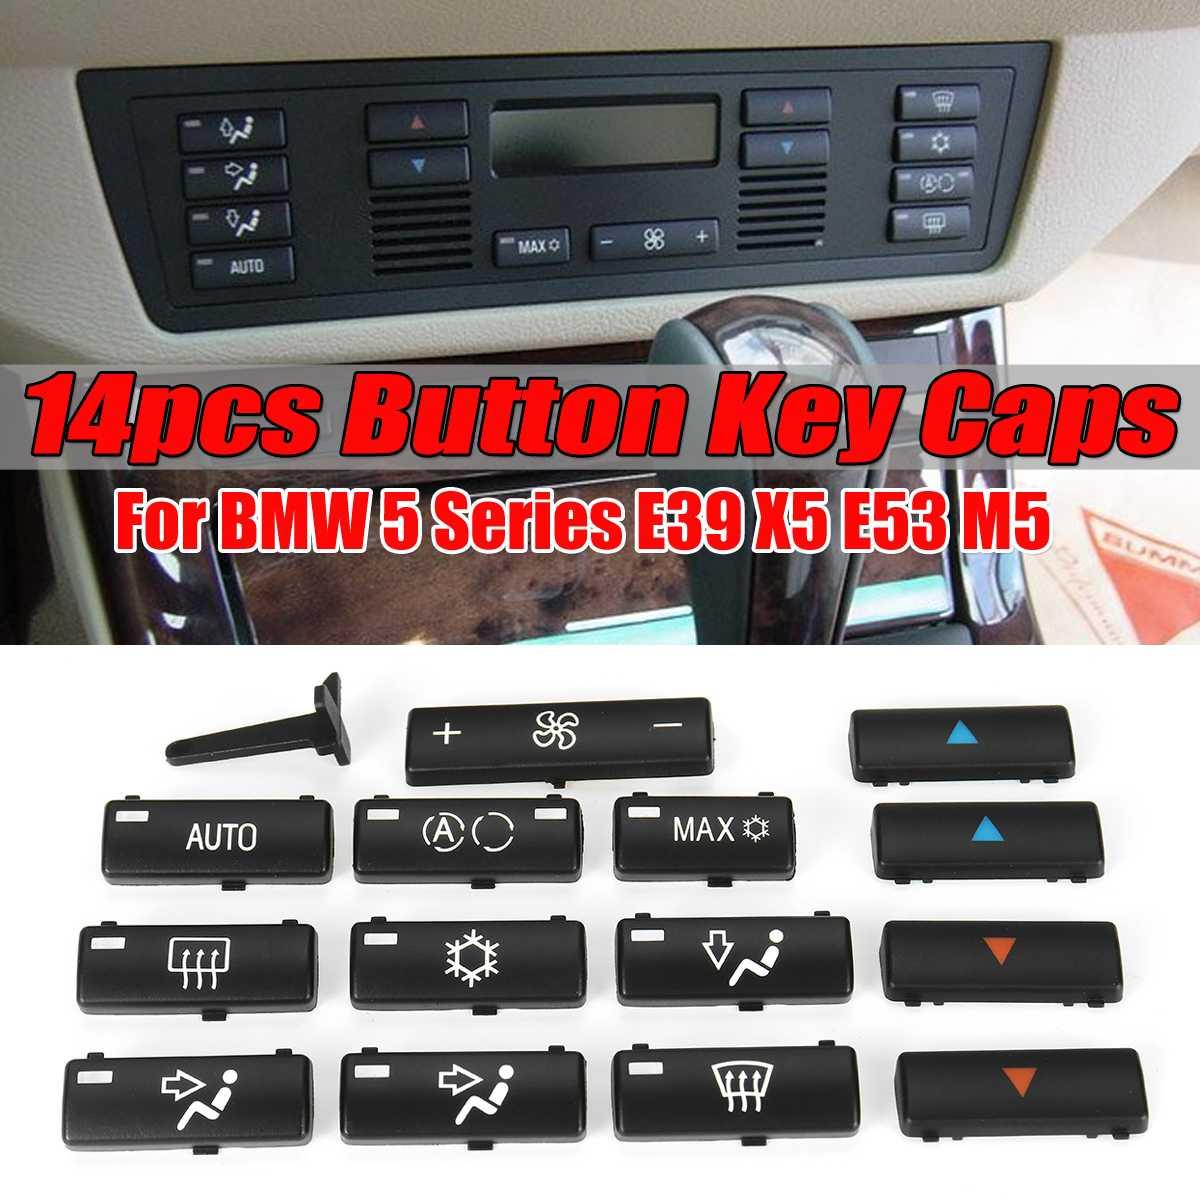 14 taste Key Caps Ersatz Klima A/C Steuer Panel Schalter Tasten Abdeckung Kappen Für BMW E39 E53 525i 530i 540i M5 X5